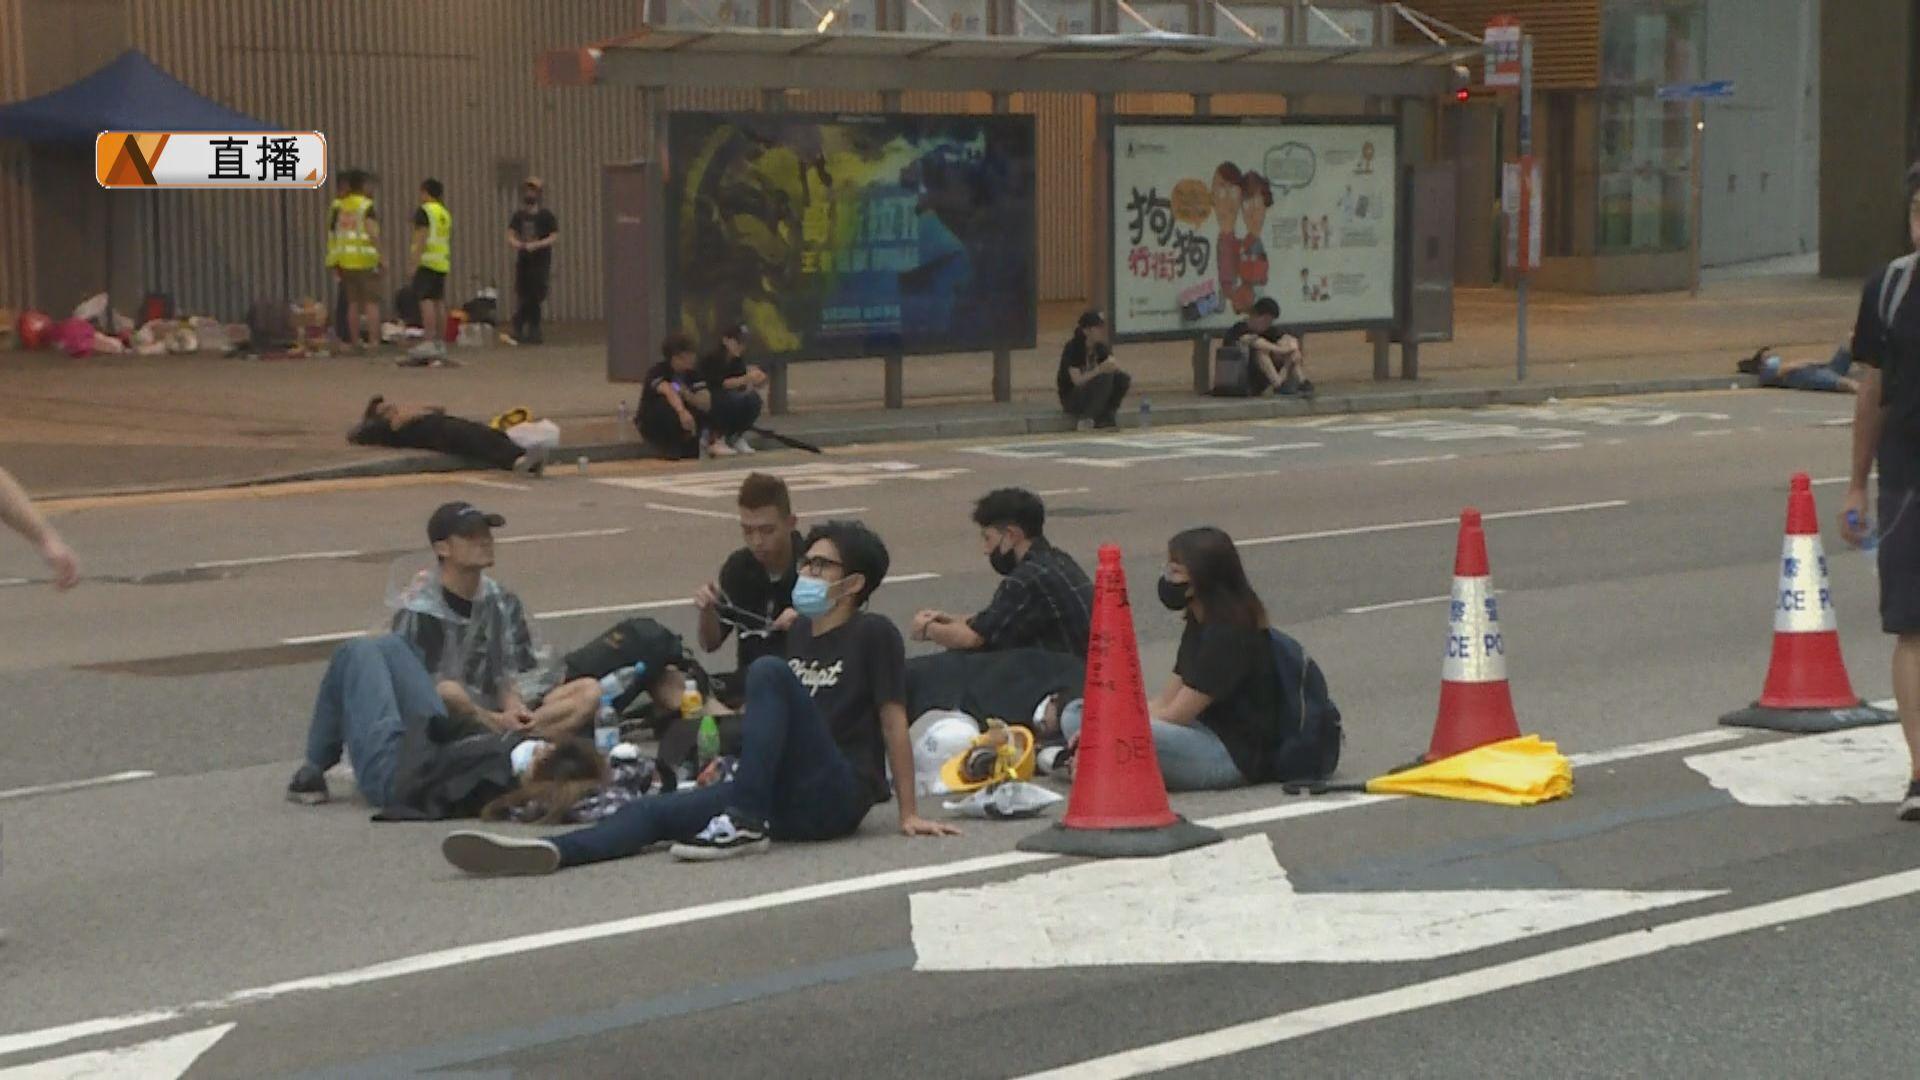 【最新】金鐘夏慤道仍有大量示威者留守